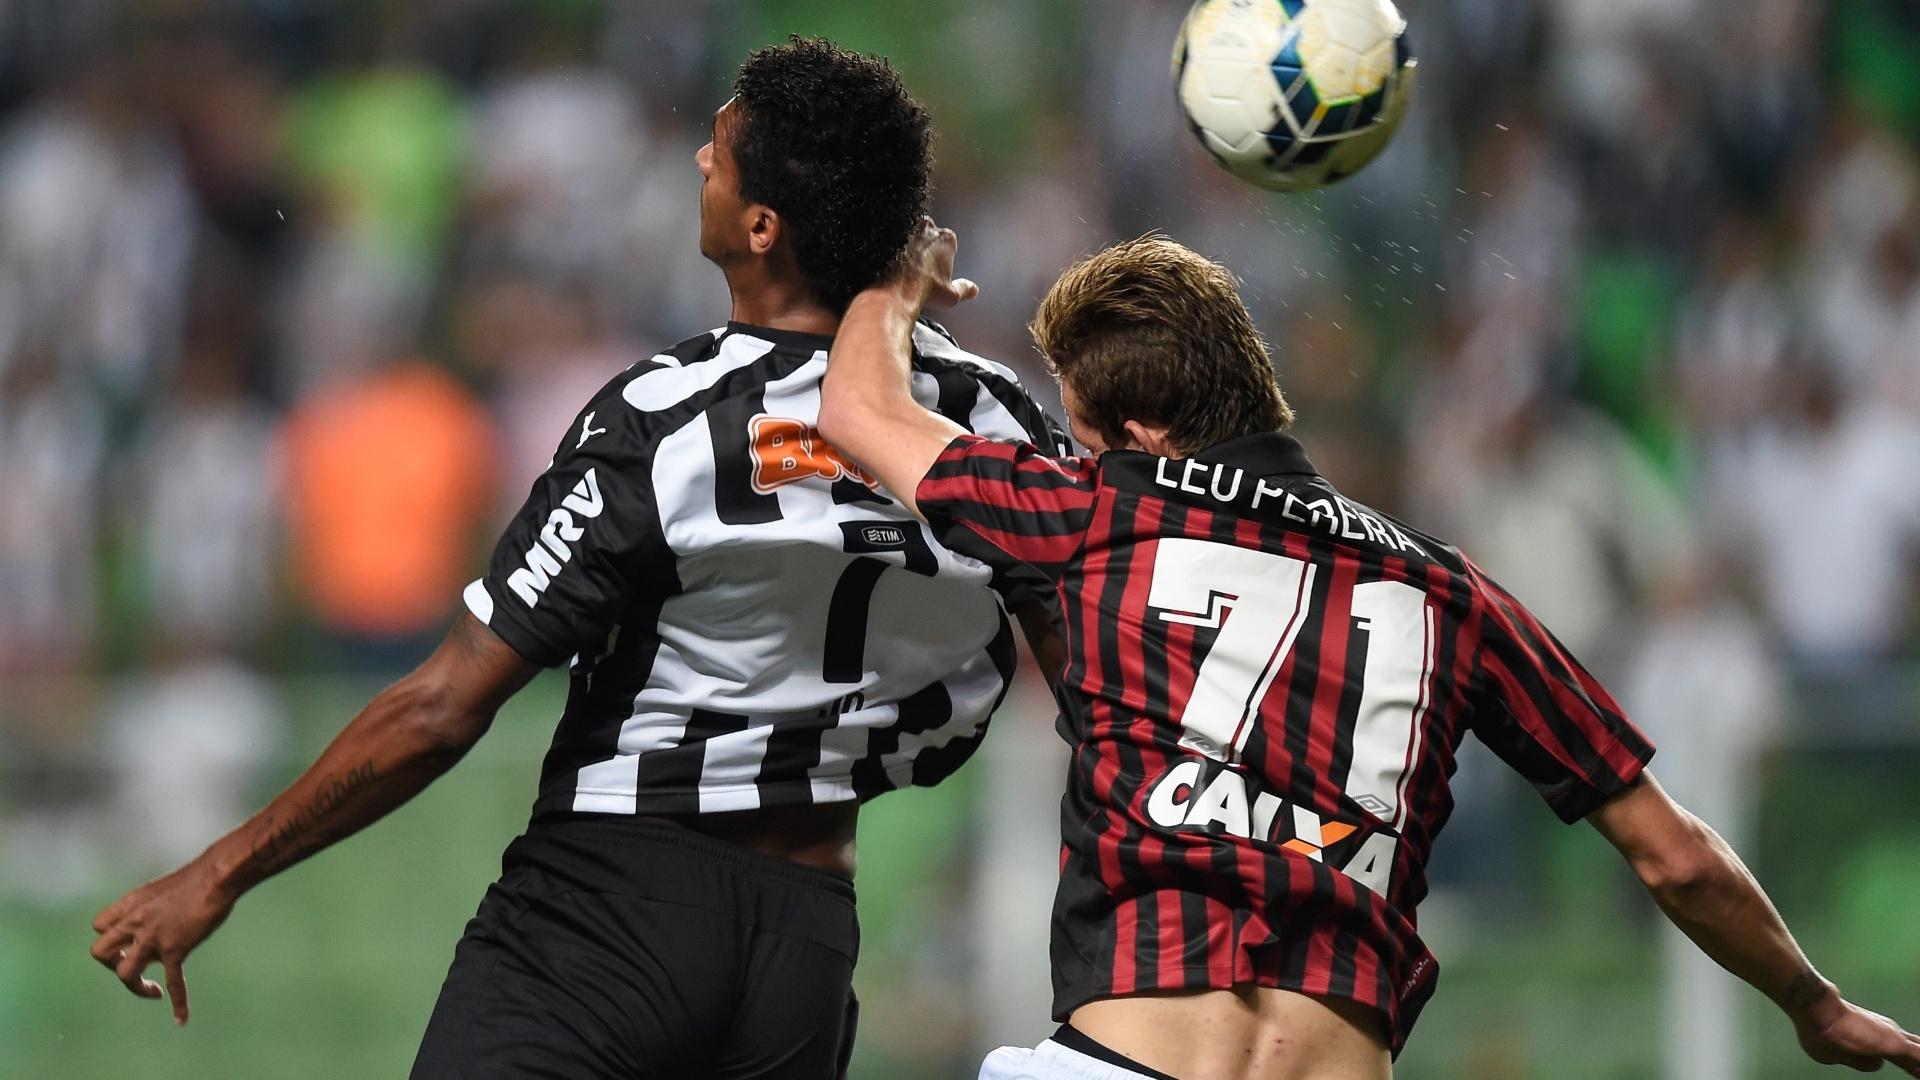 Jô disputa a bola de cabeça na partida entre Atlético-MG e Atlético-PR